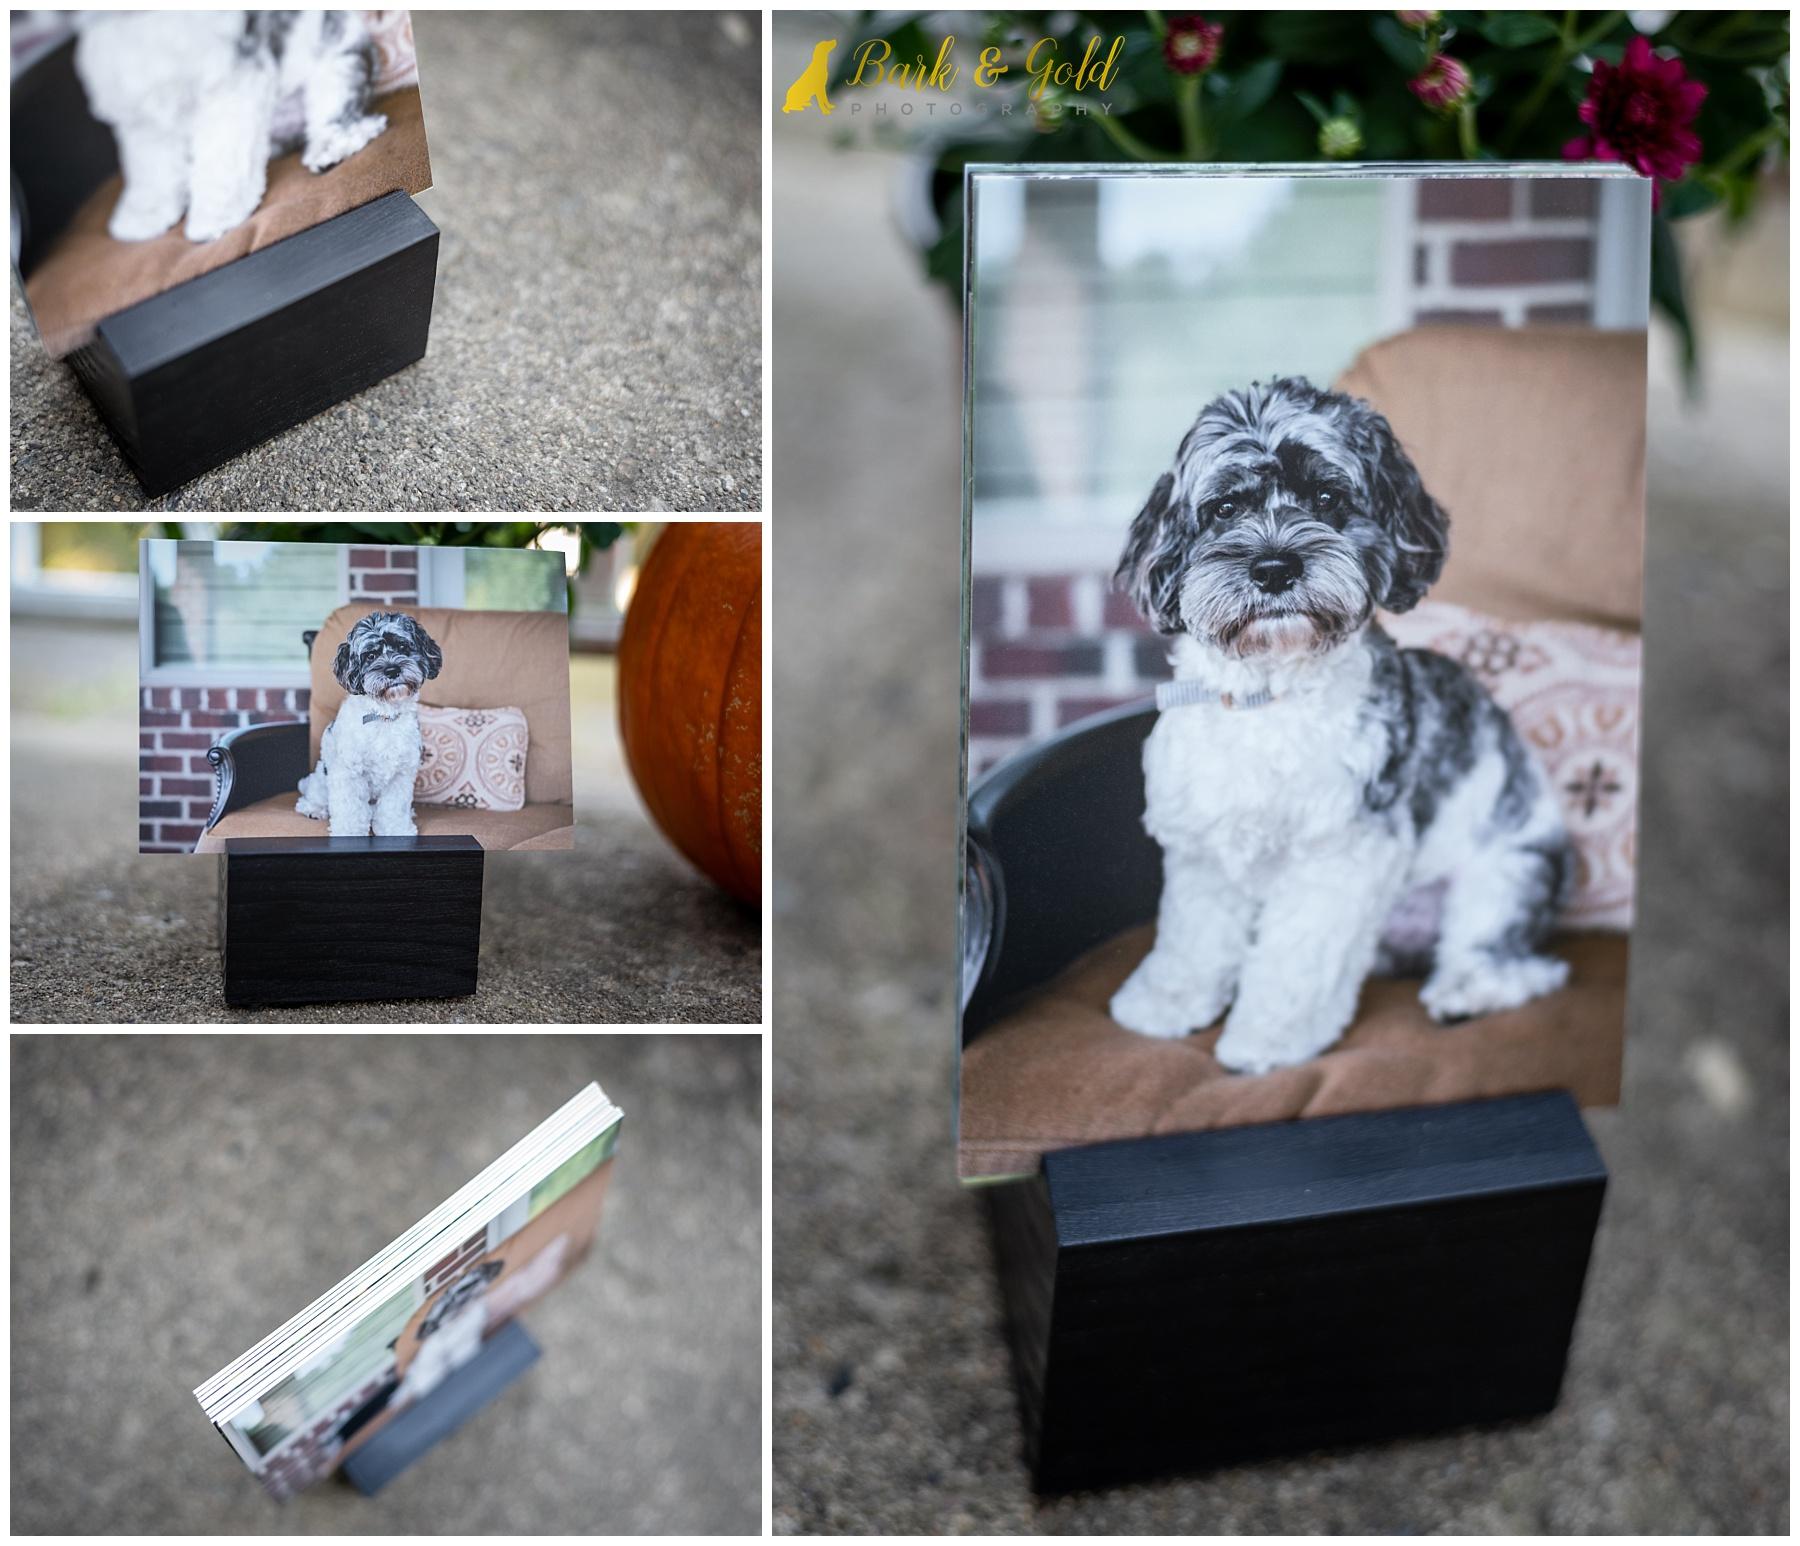 album block featuring Cavapoo puppy